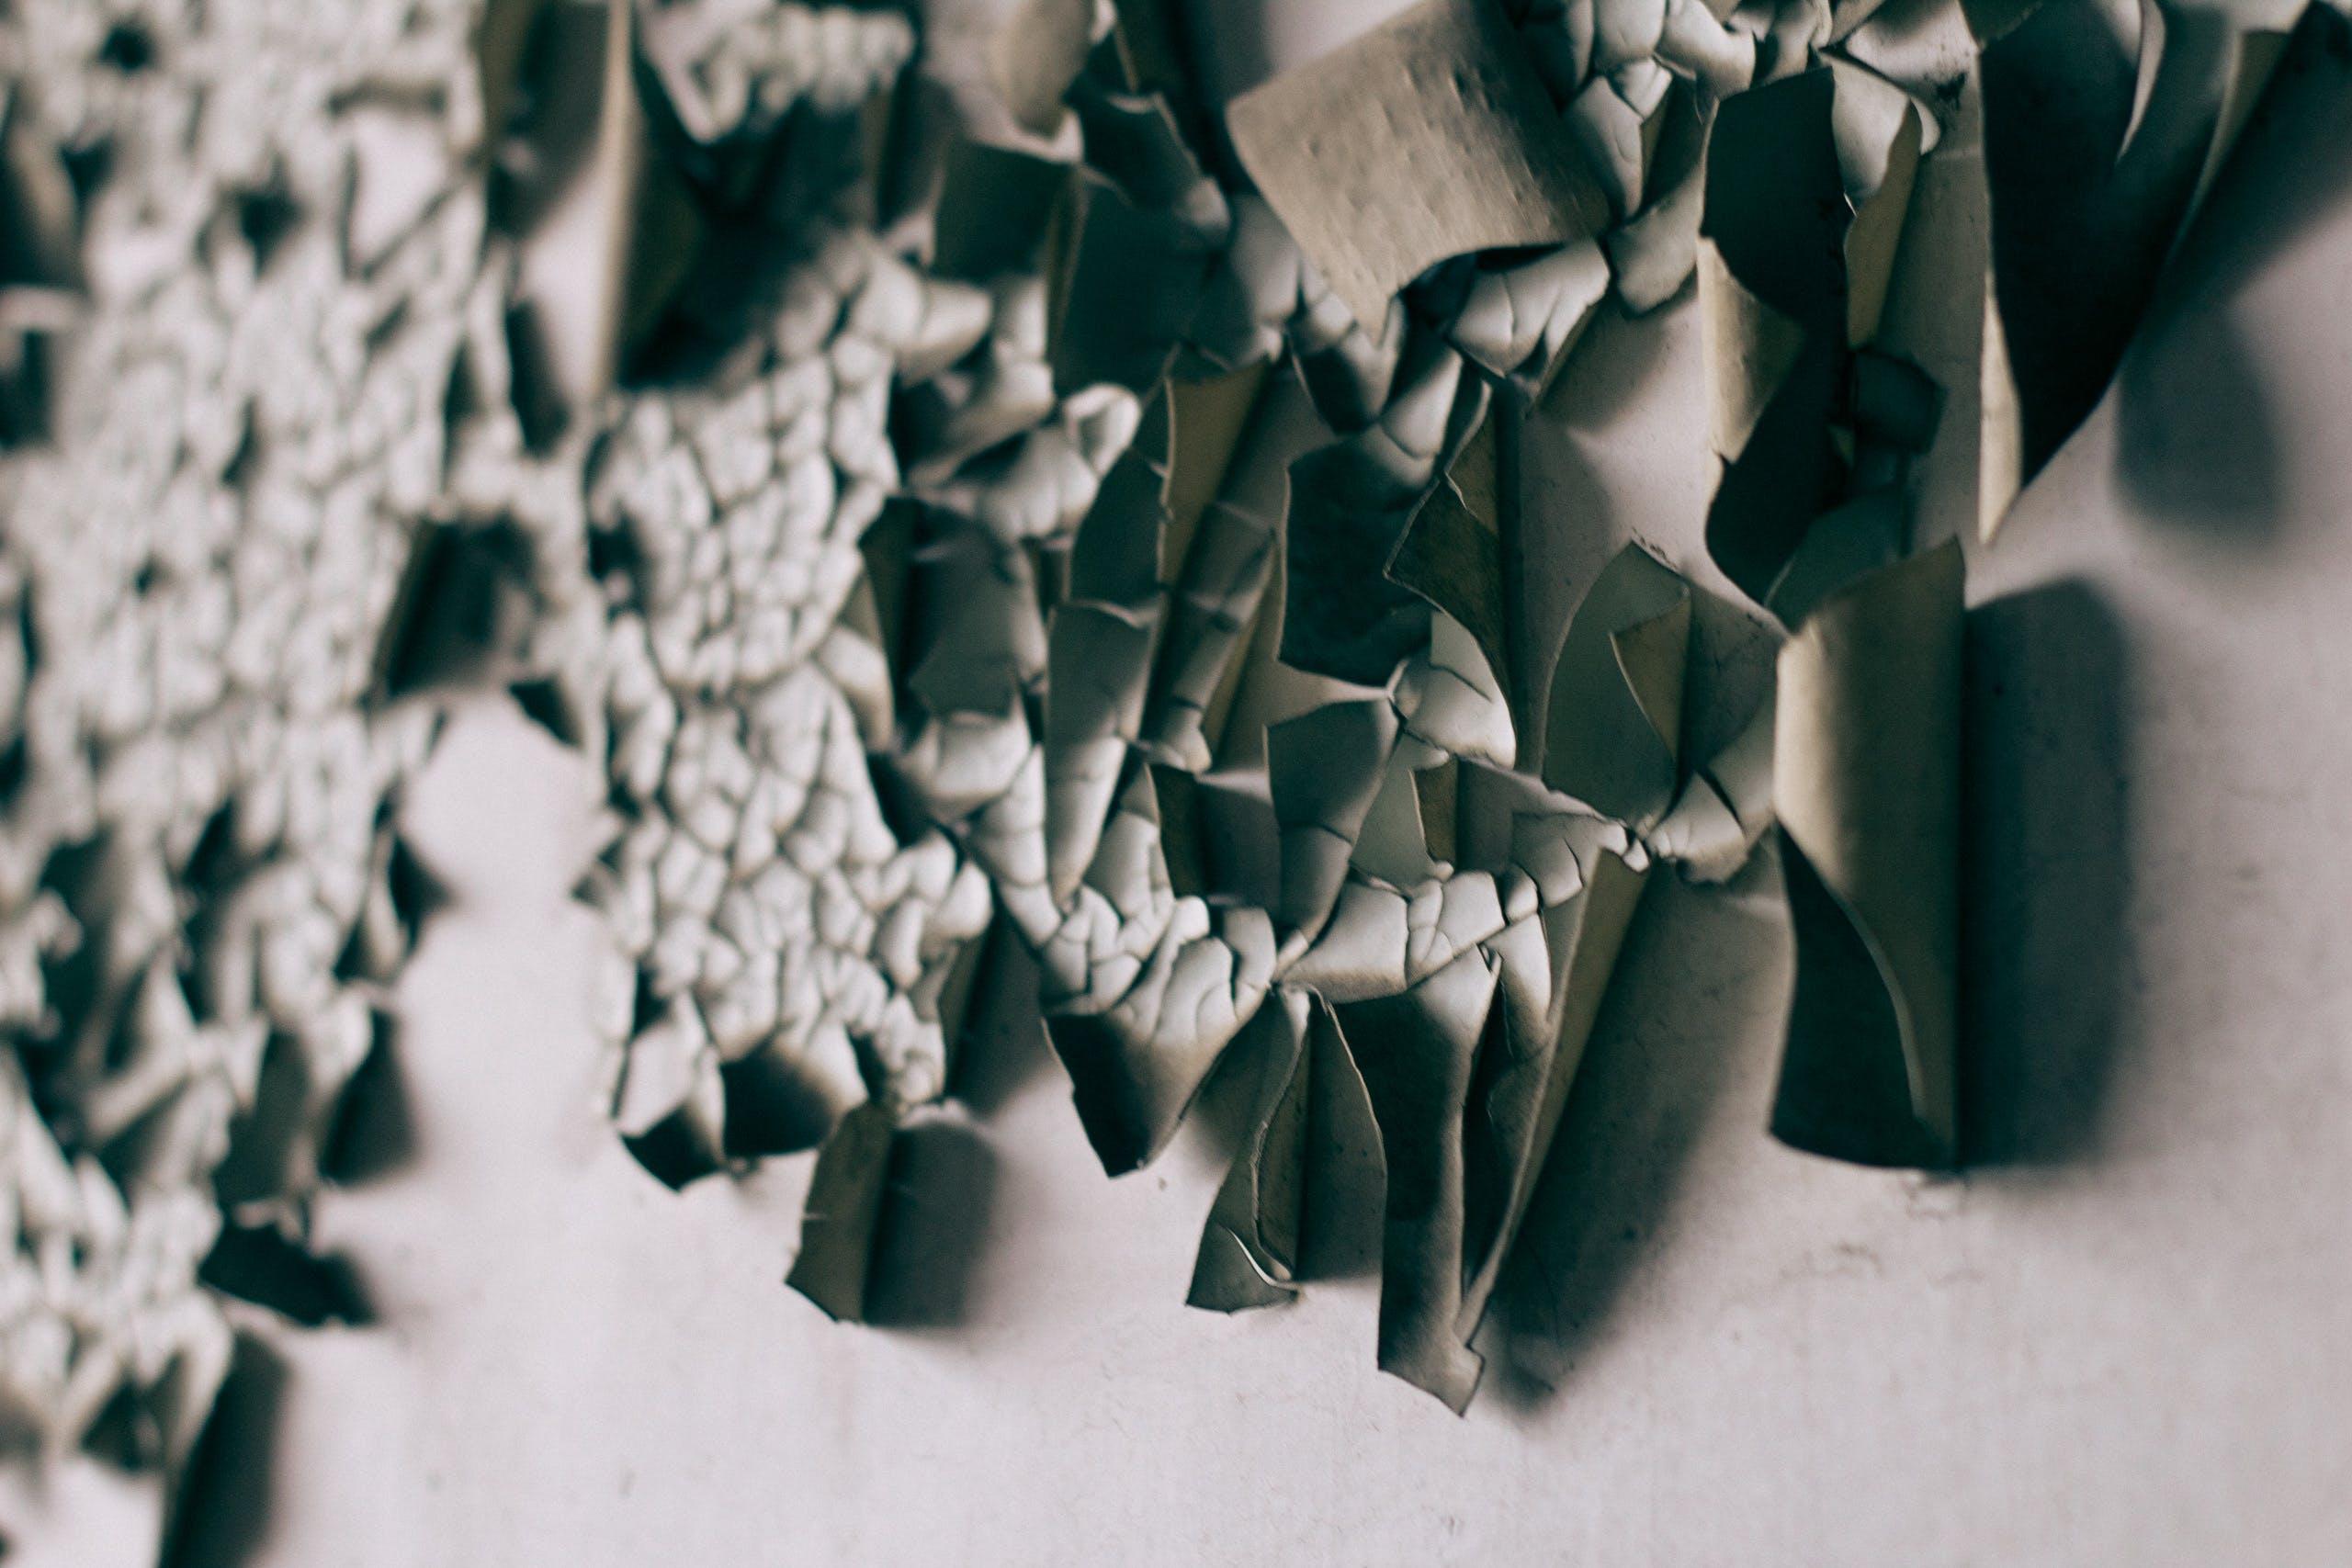 創作的, 專注, 模糊, 牆壁 的 免費圖庫相片